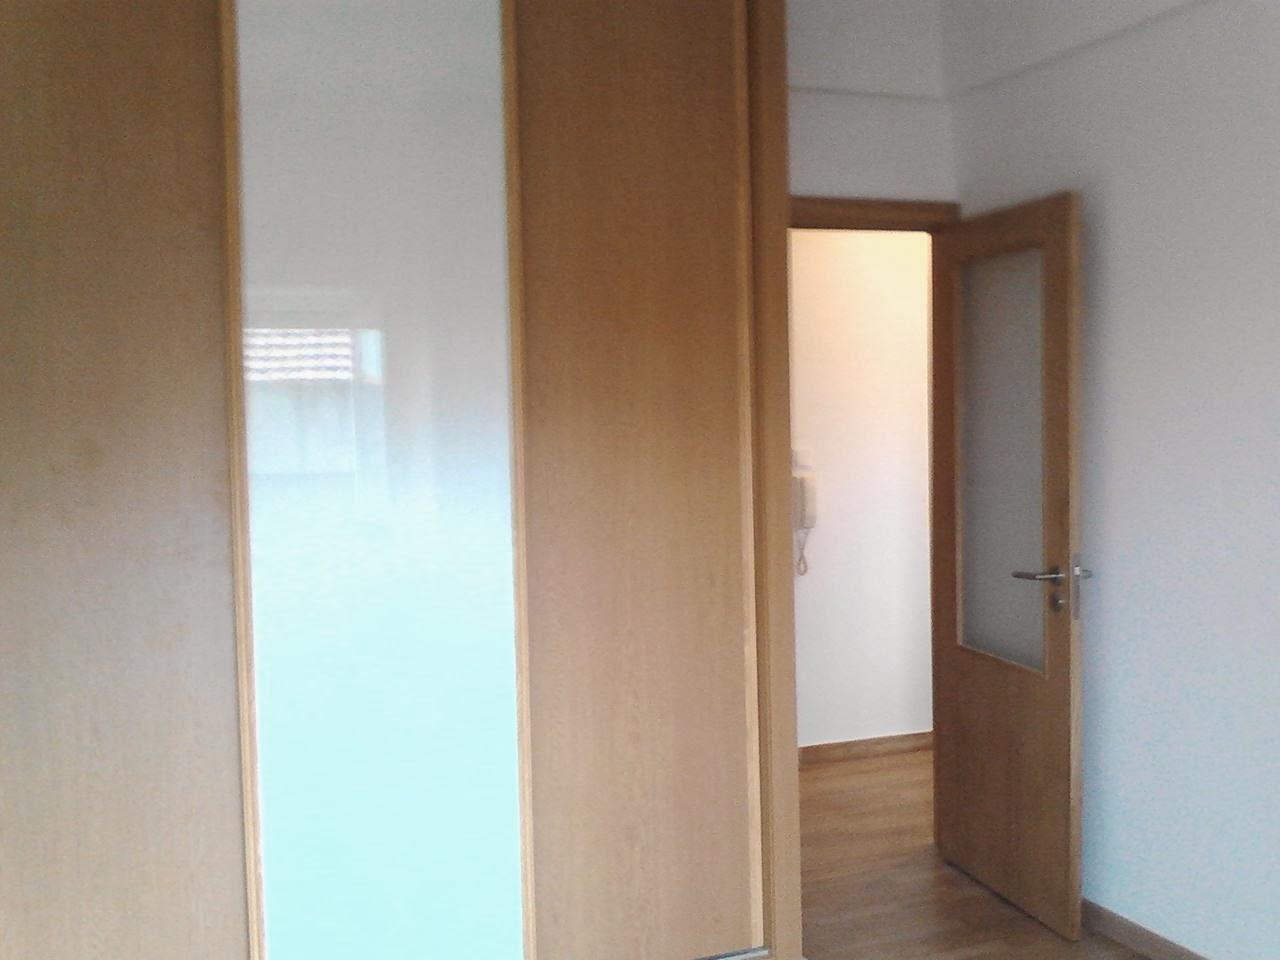 #674931 Fornecimento e colocação de janelas em alumínio com vidro duplo; 724 Janelas Vidro Duplo Preços Lisboa